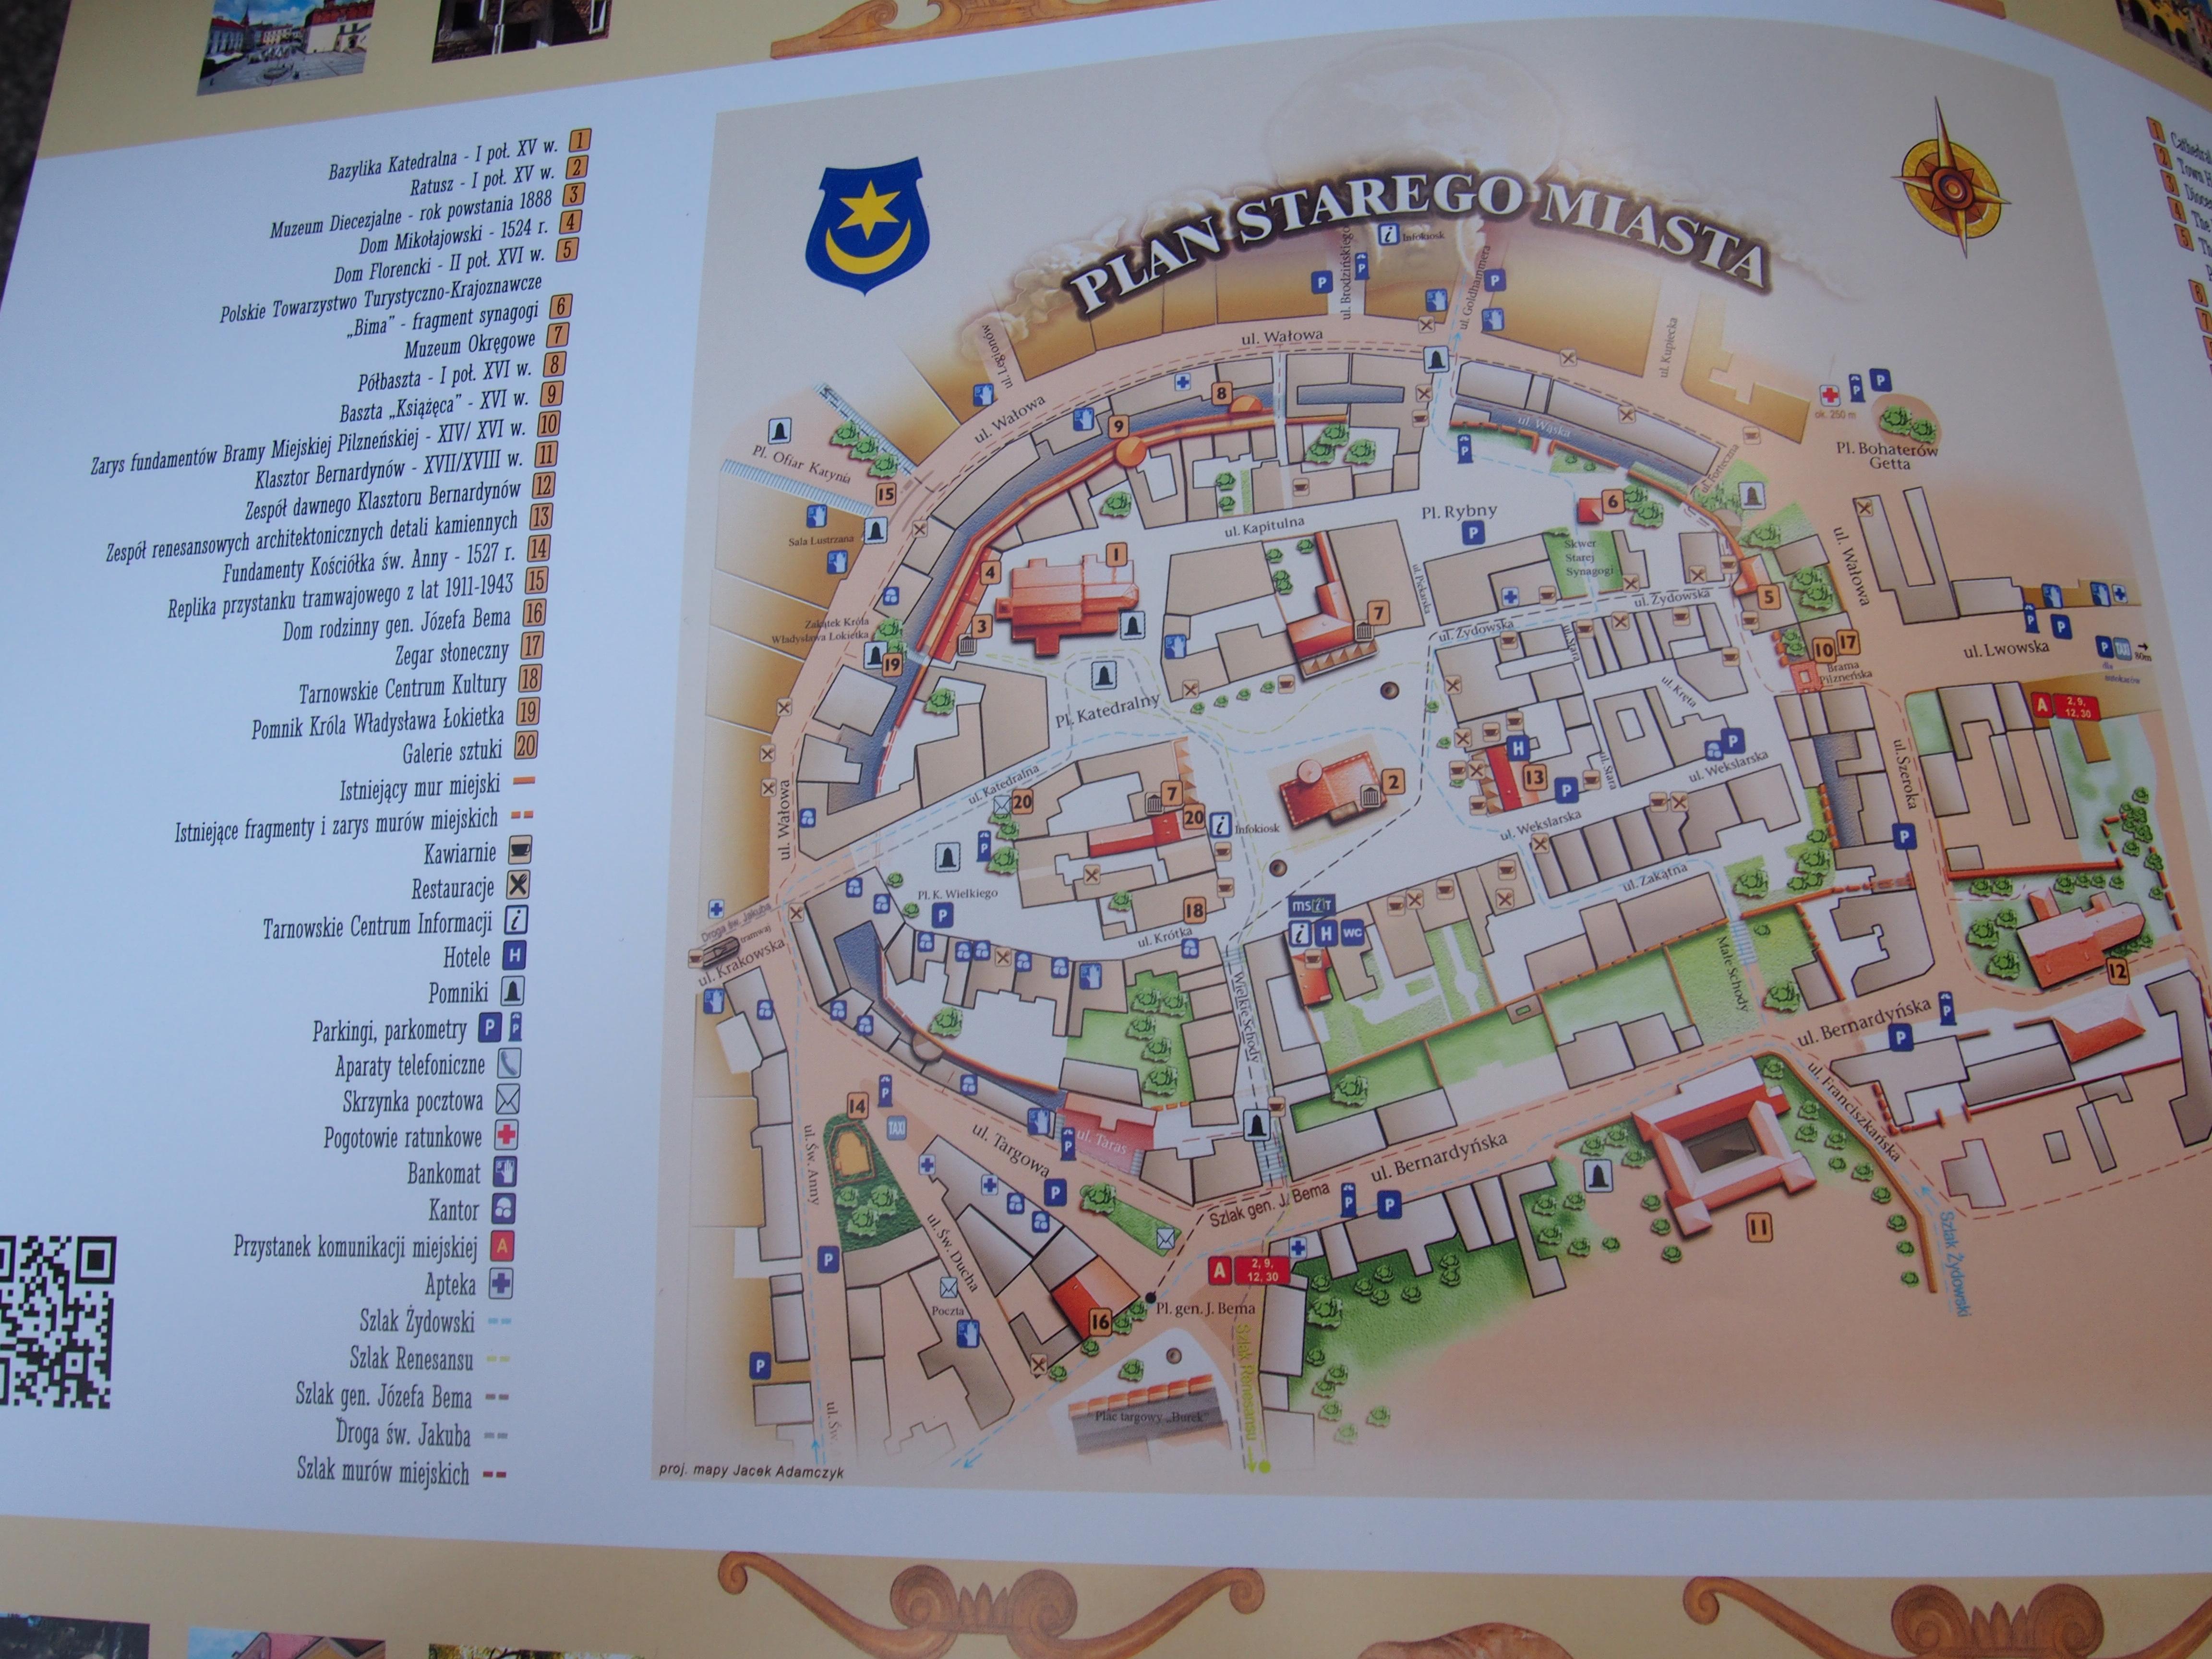 Plan starego miasta w Tarnowie - zdjęcie mapy